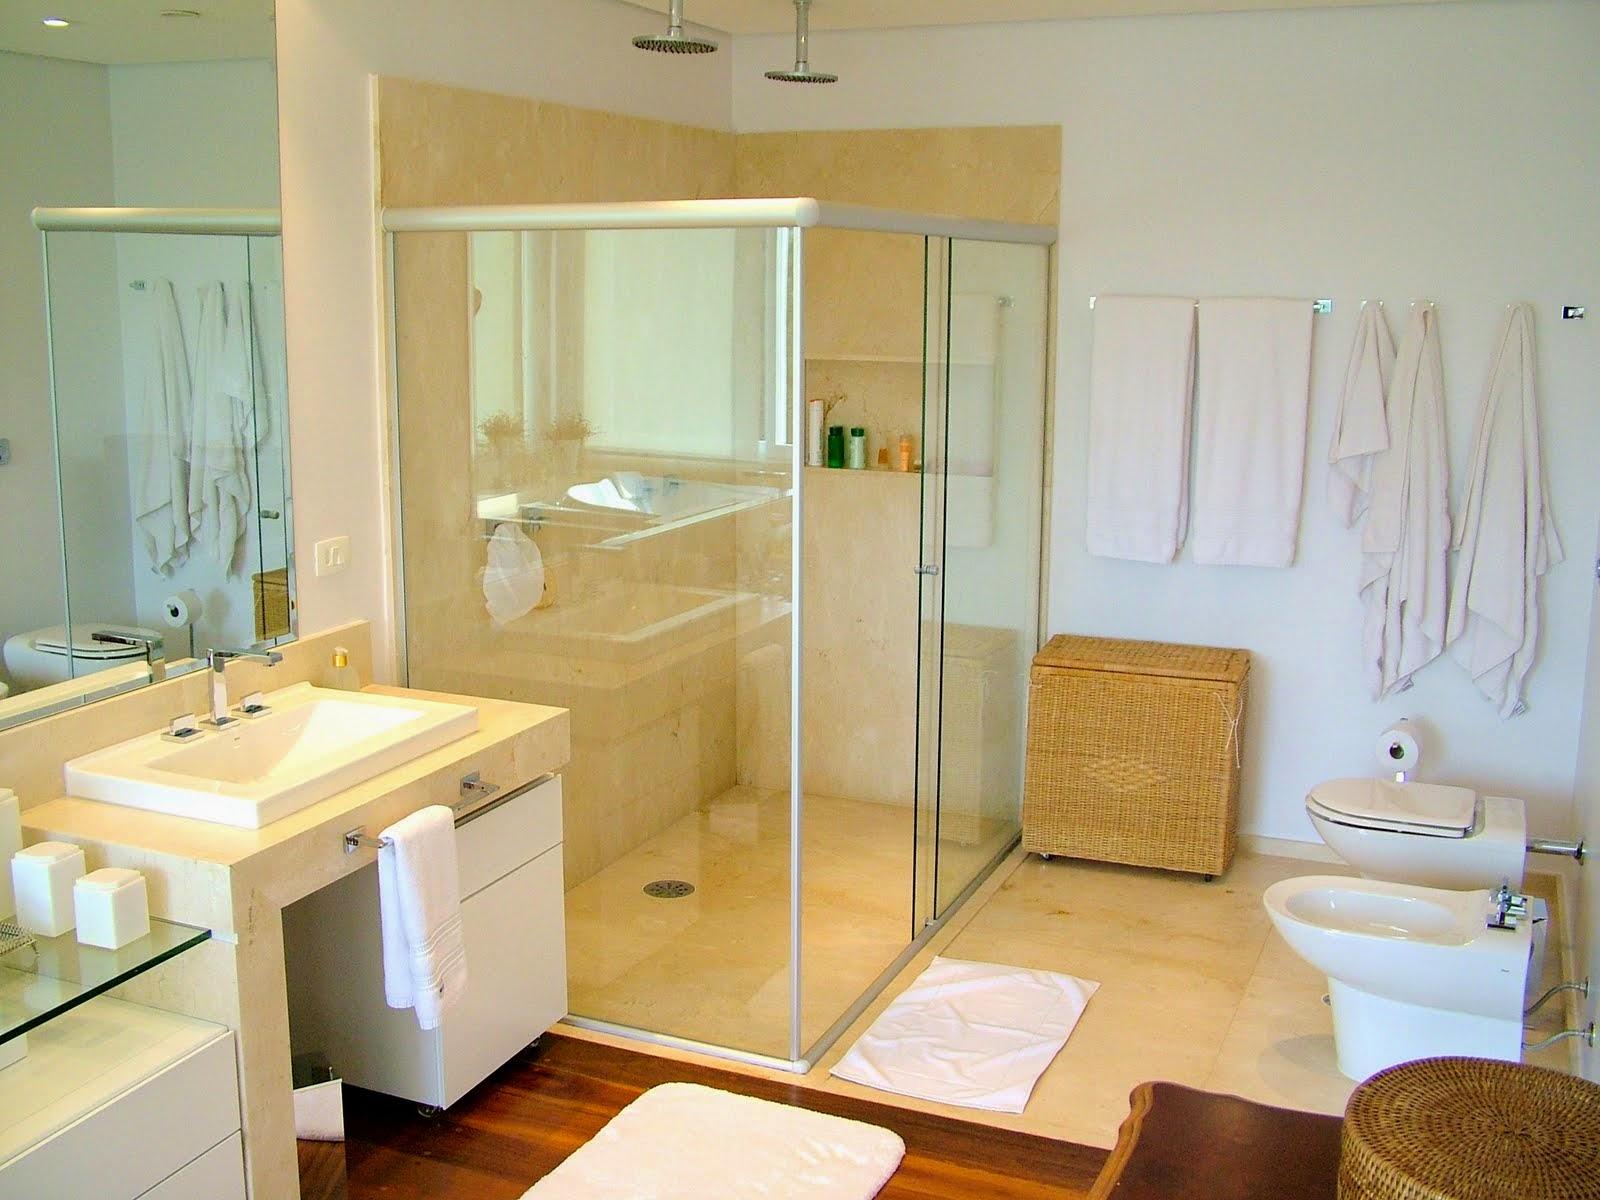 Imagens de #703D17  decoracao de banheiros pequenos com box box para banheiro  1600x1200 px 3550 Blindex Banheiro Em São Gonçalo